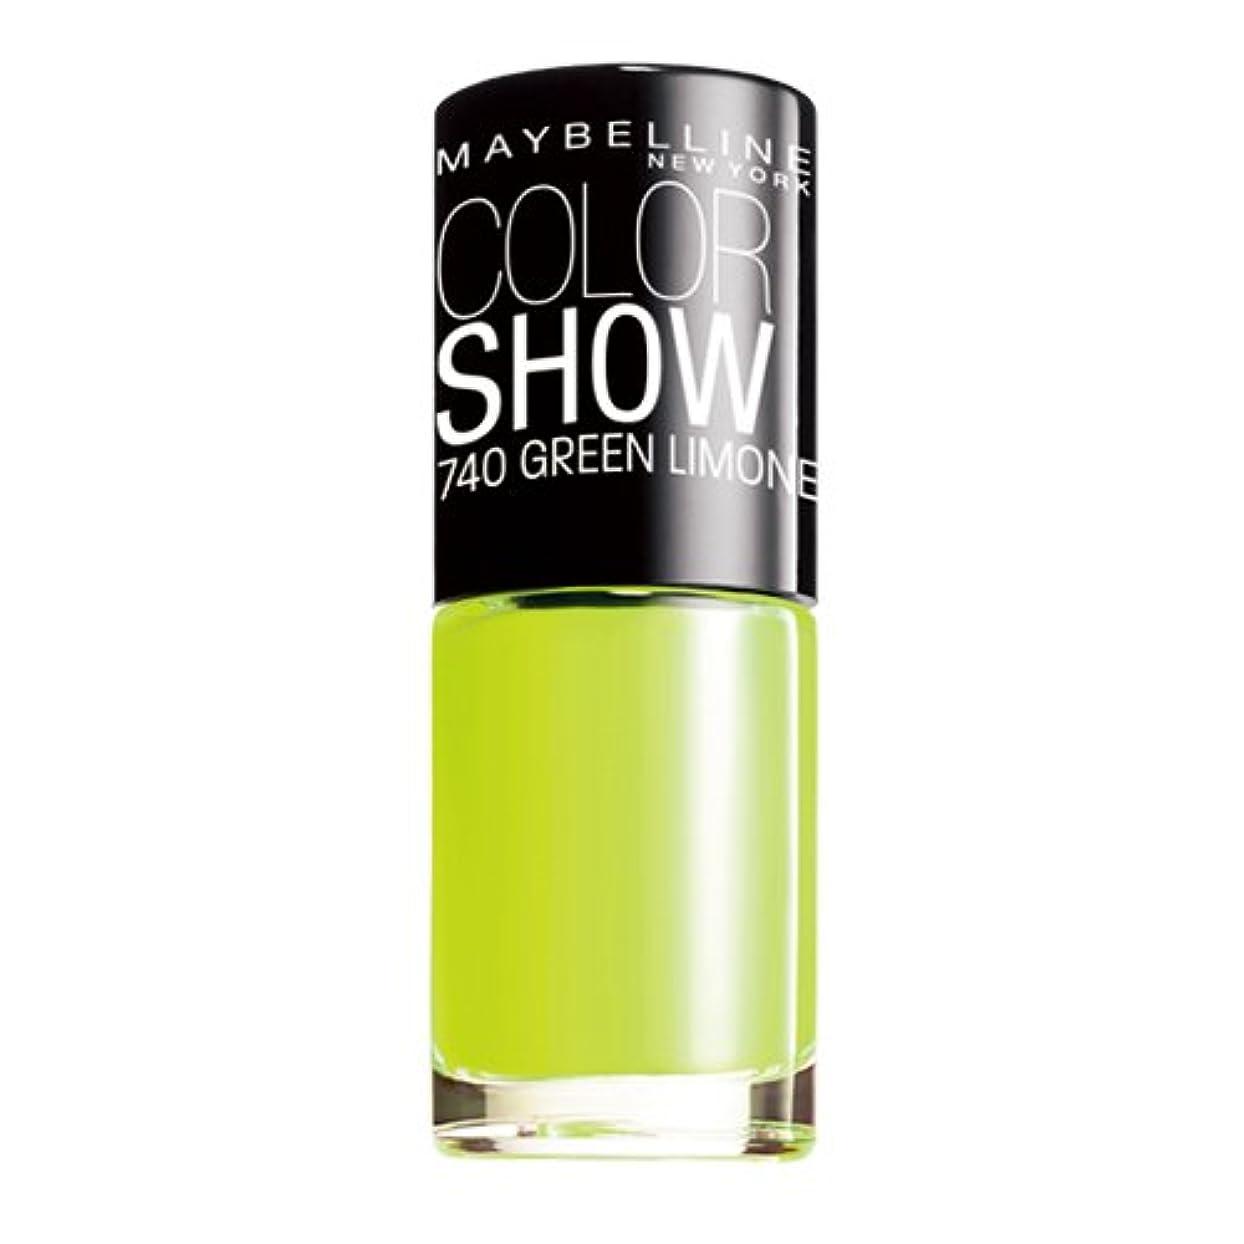 ラバ健康的怒りメイベリン カラー ショー ネイル B 740 グリーン リモーネ